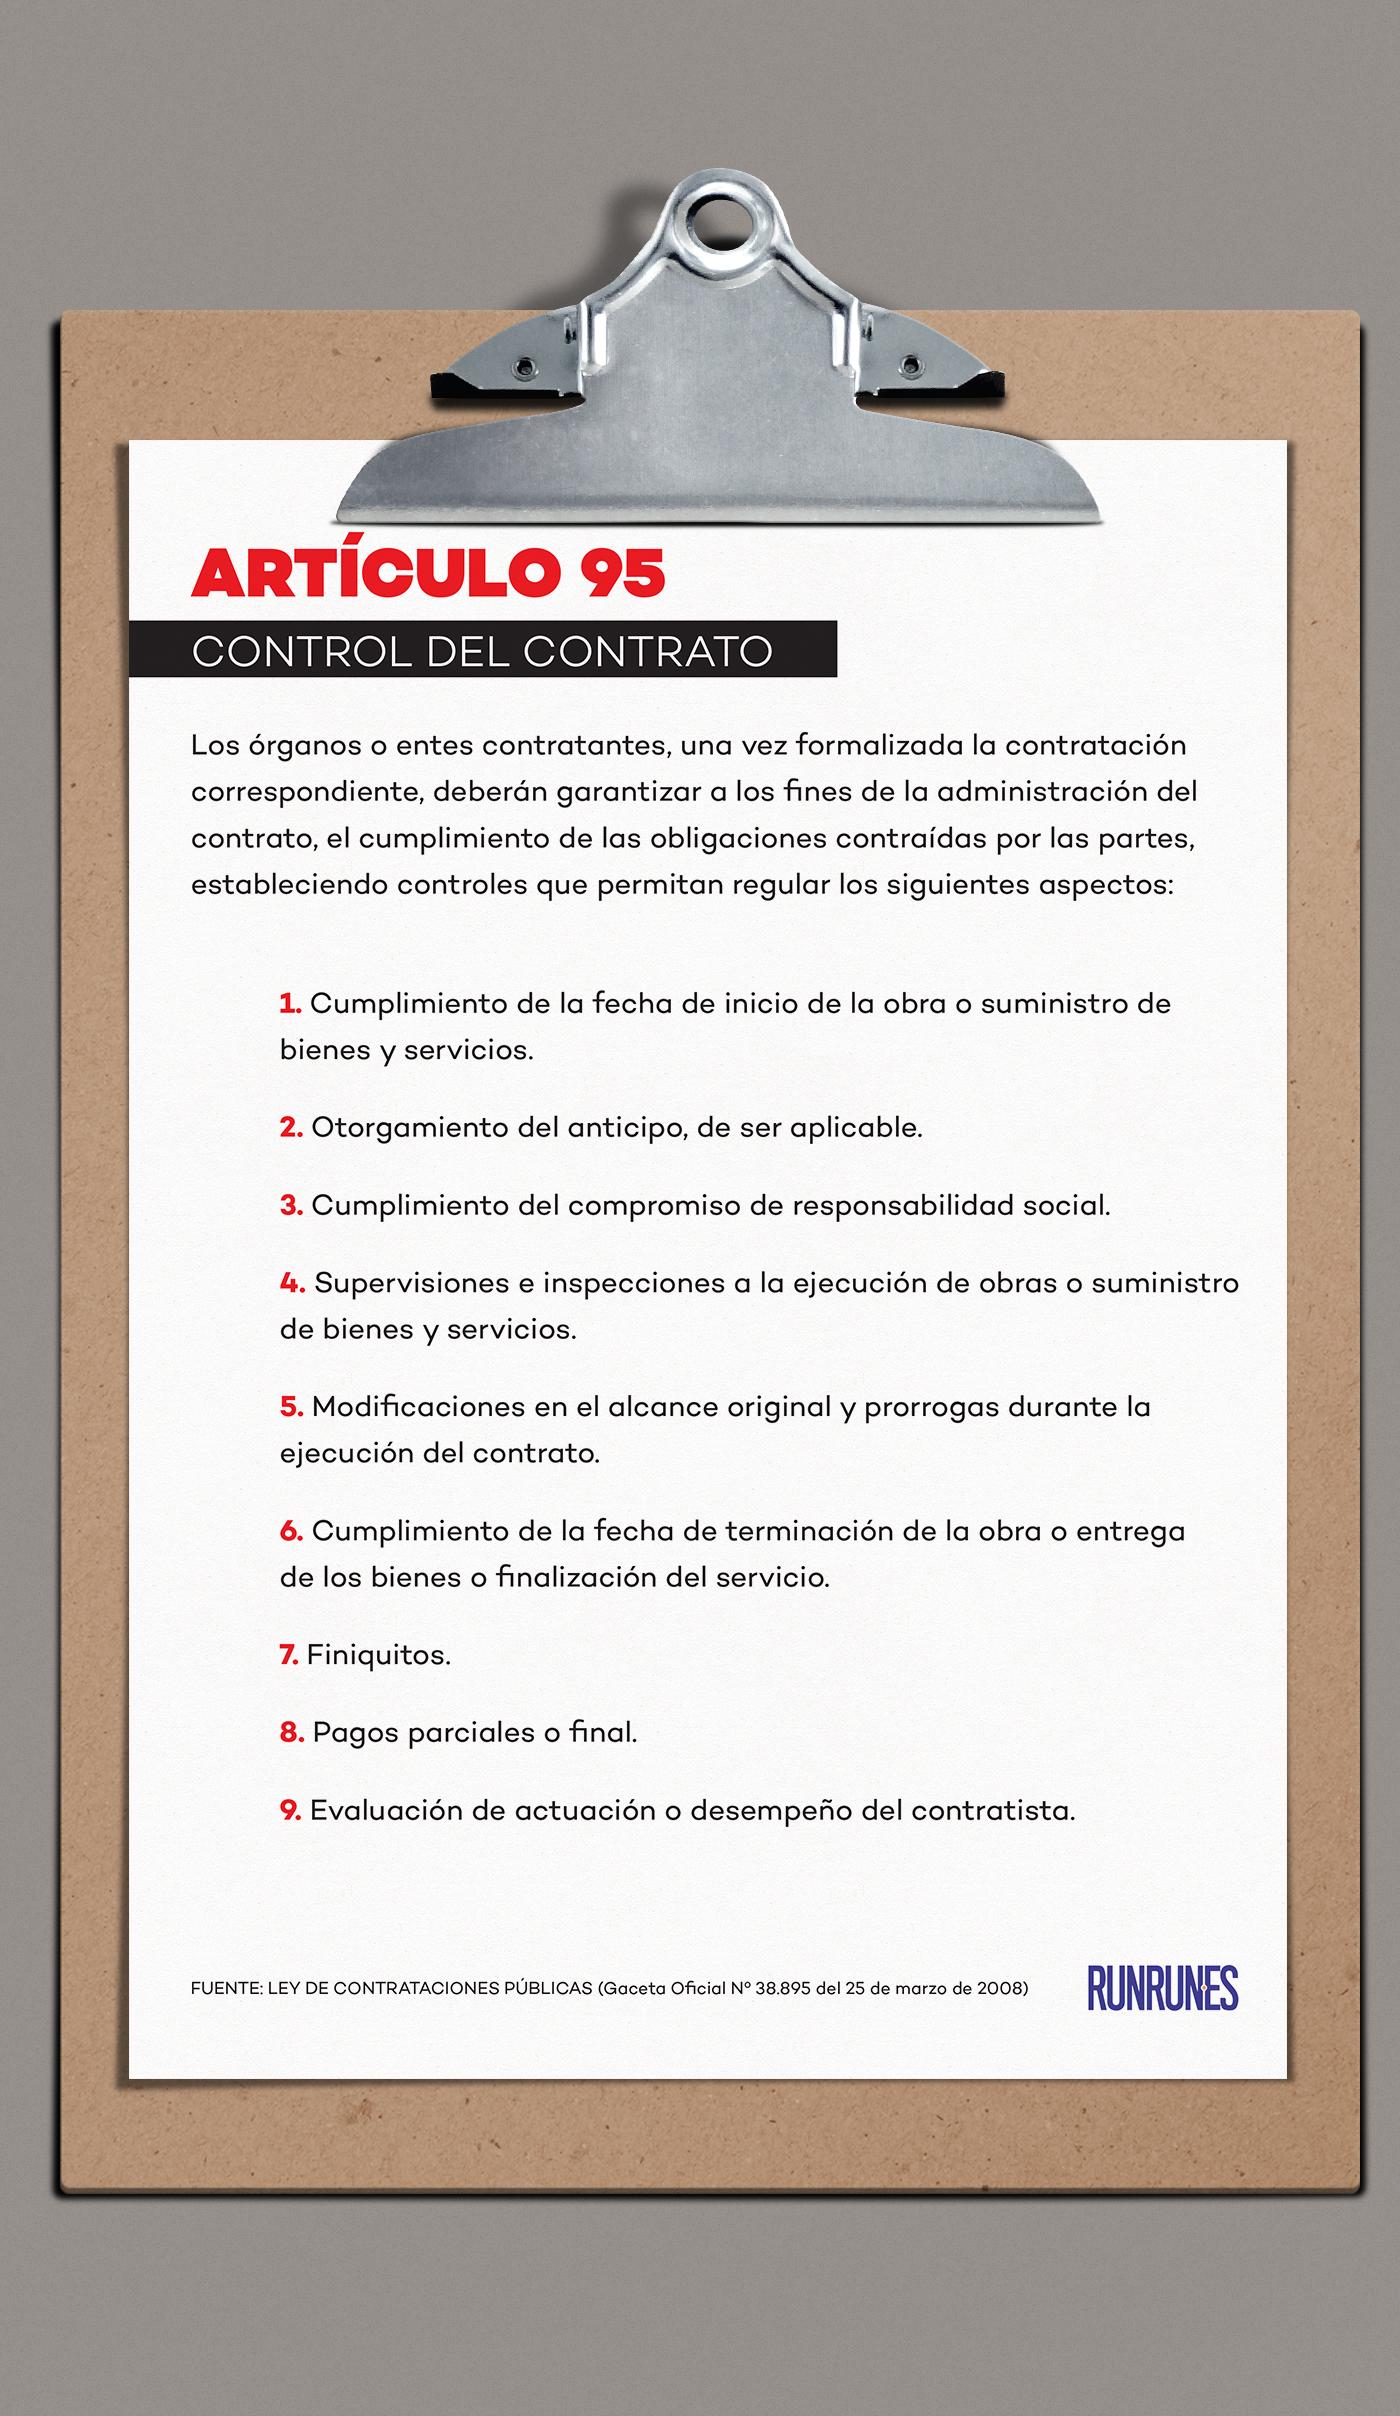 ley-de-contrataciones-publicas-2008-a